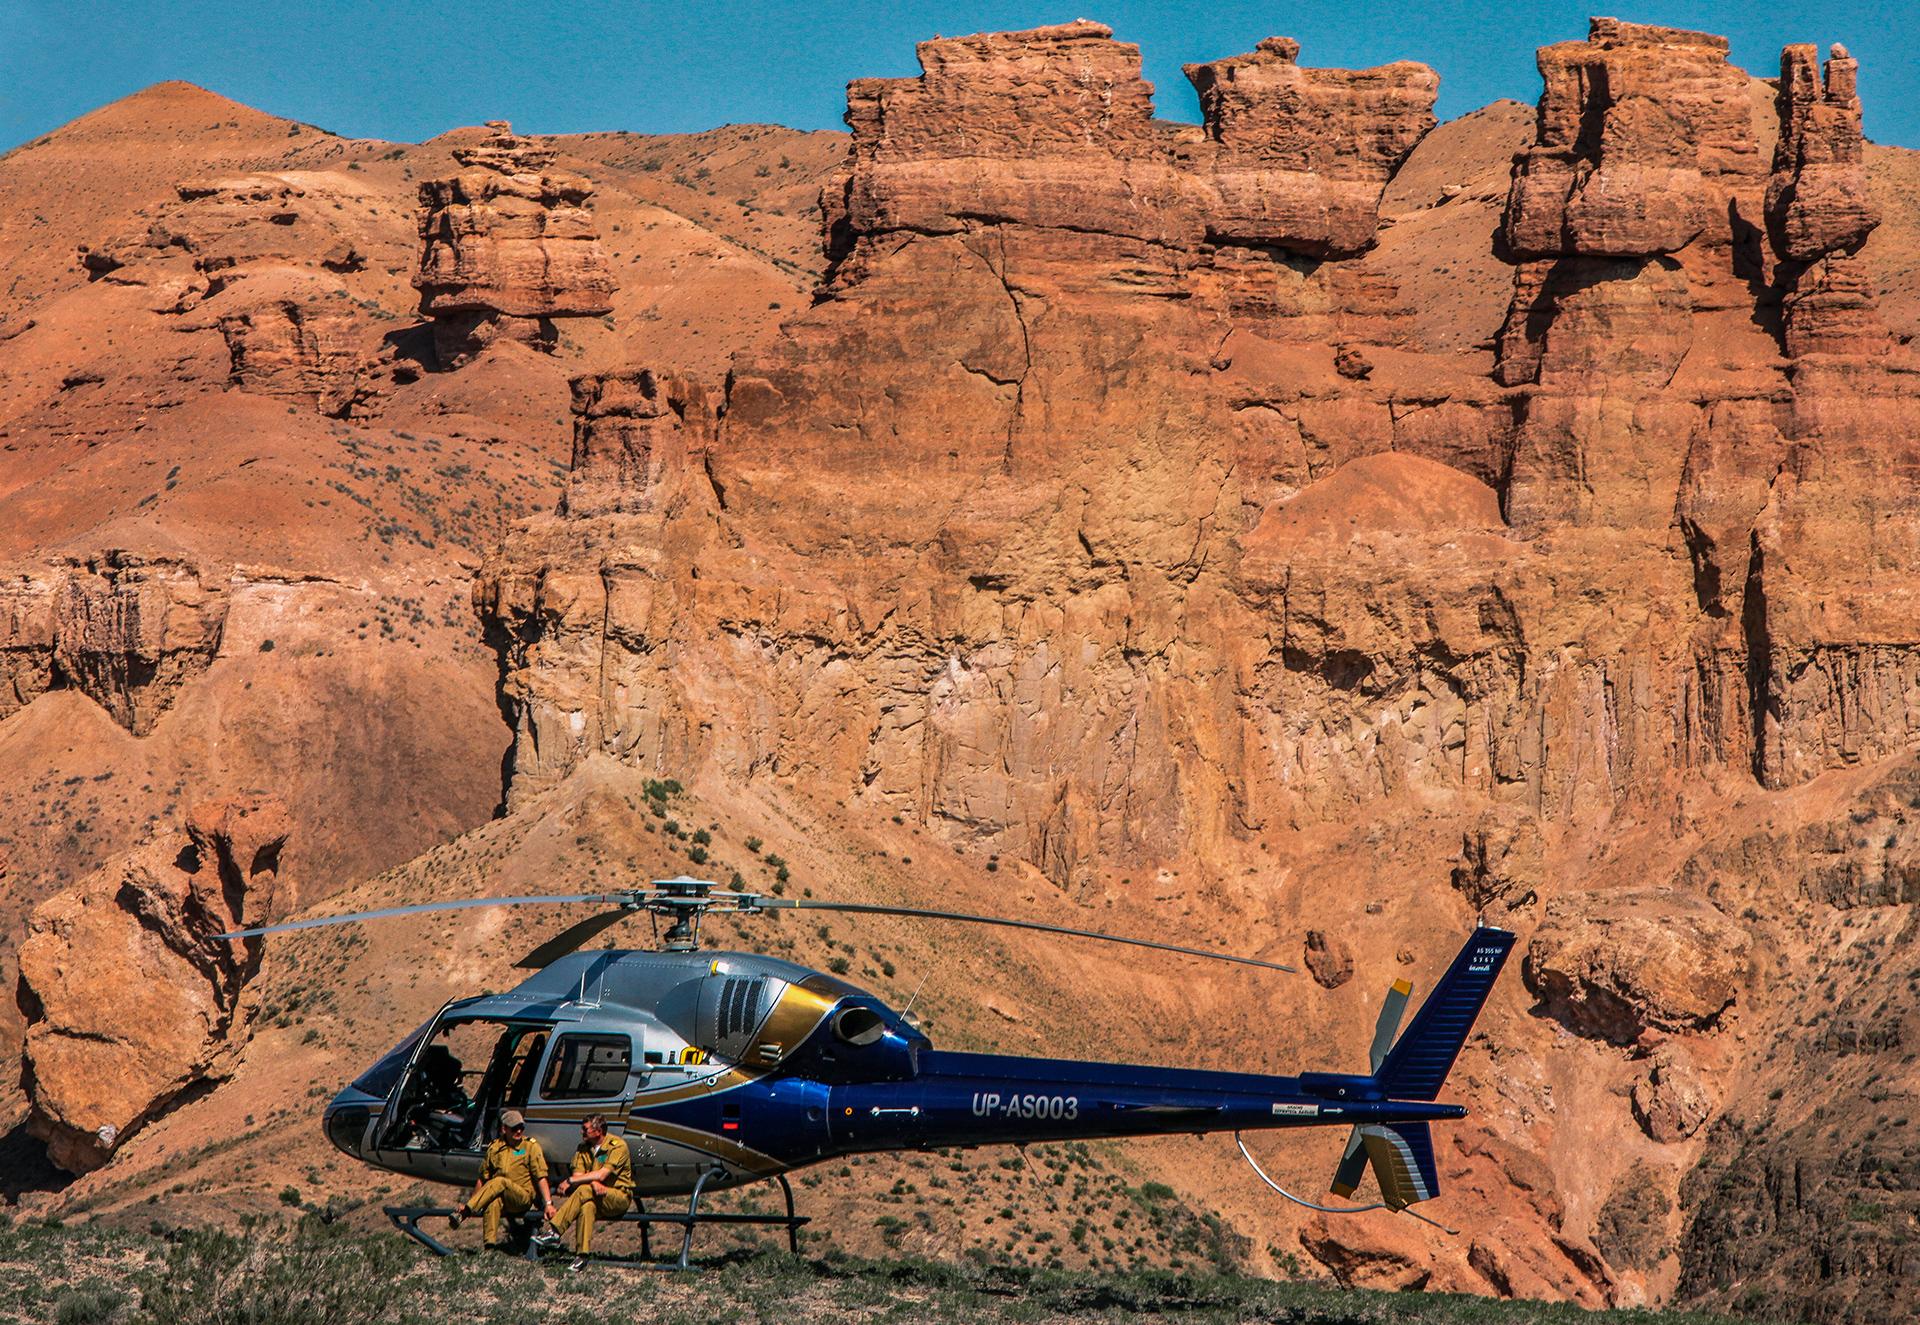 Charyn canyon, Kazakhstan, Almaty, rocks, helicopter, pilots